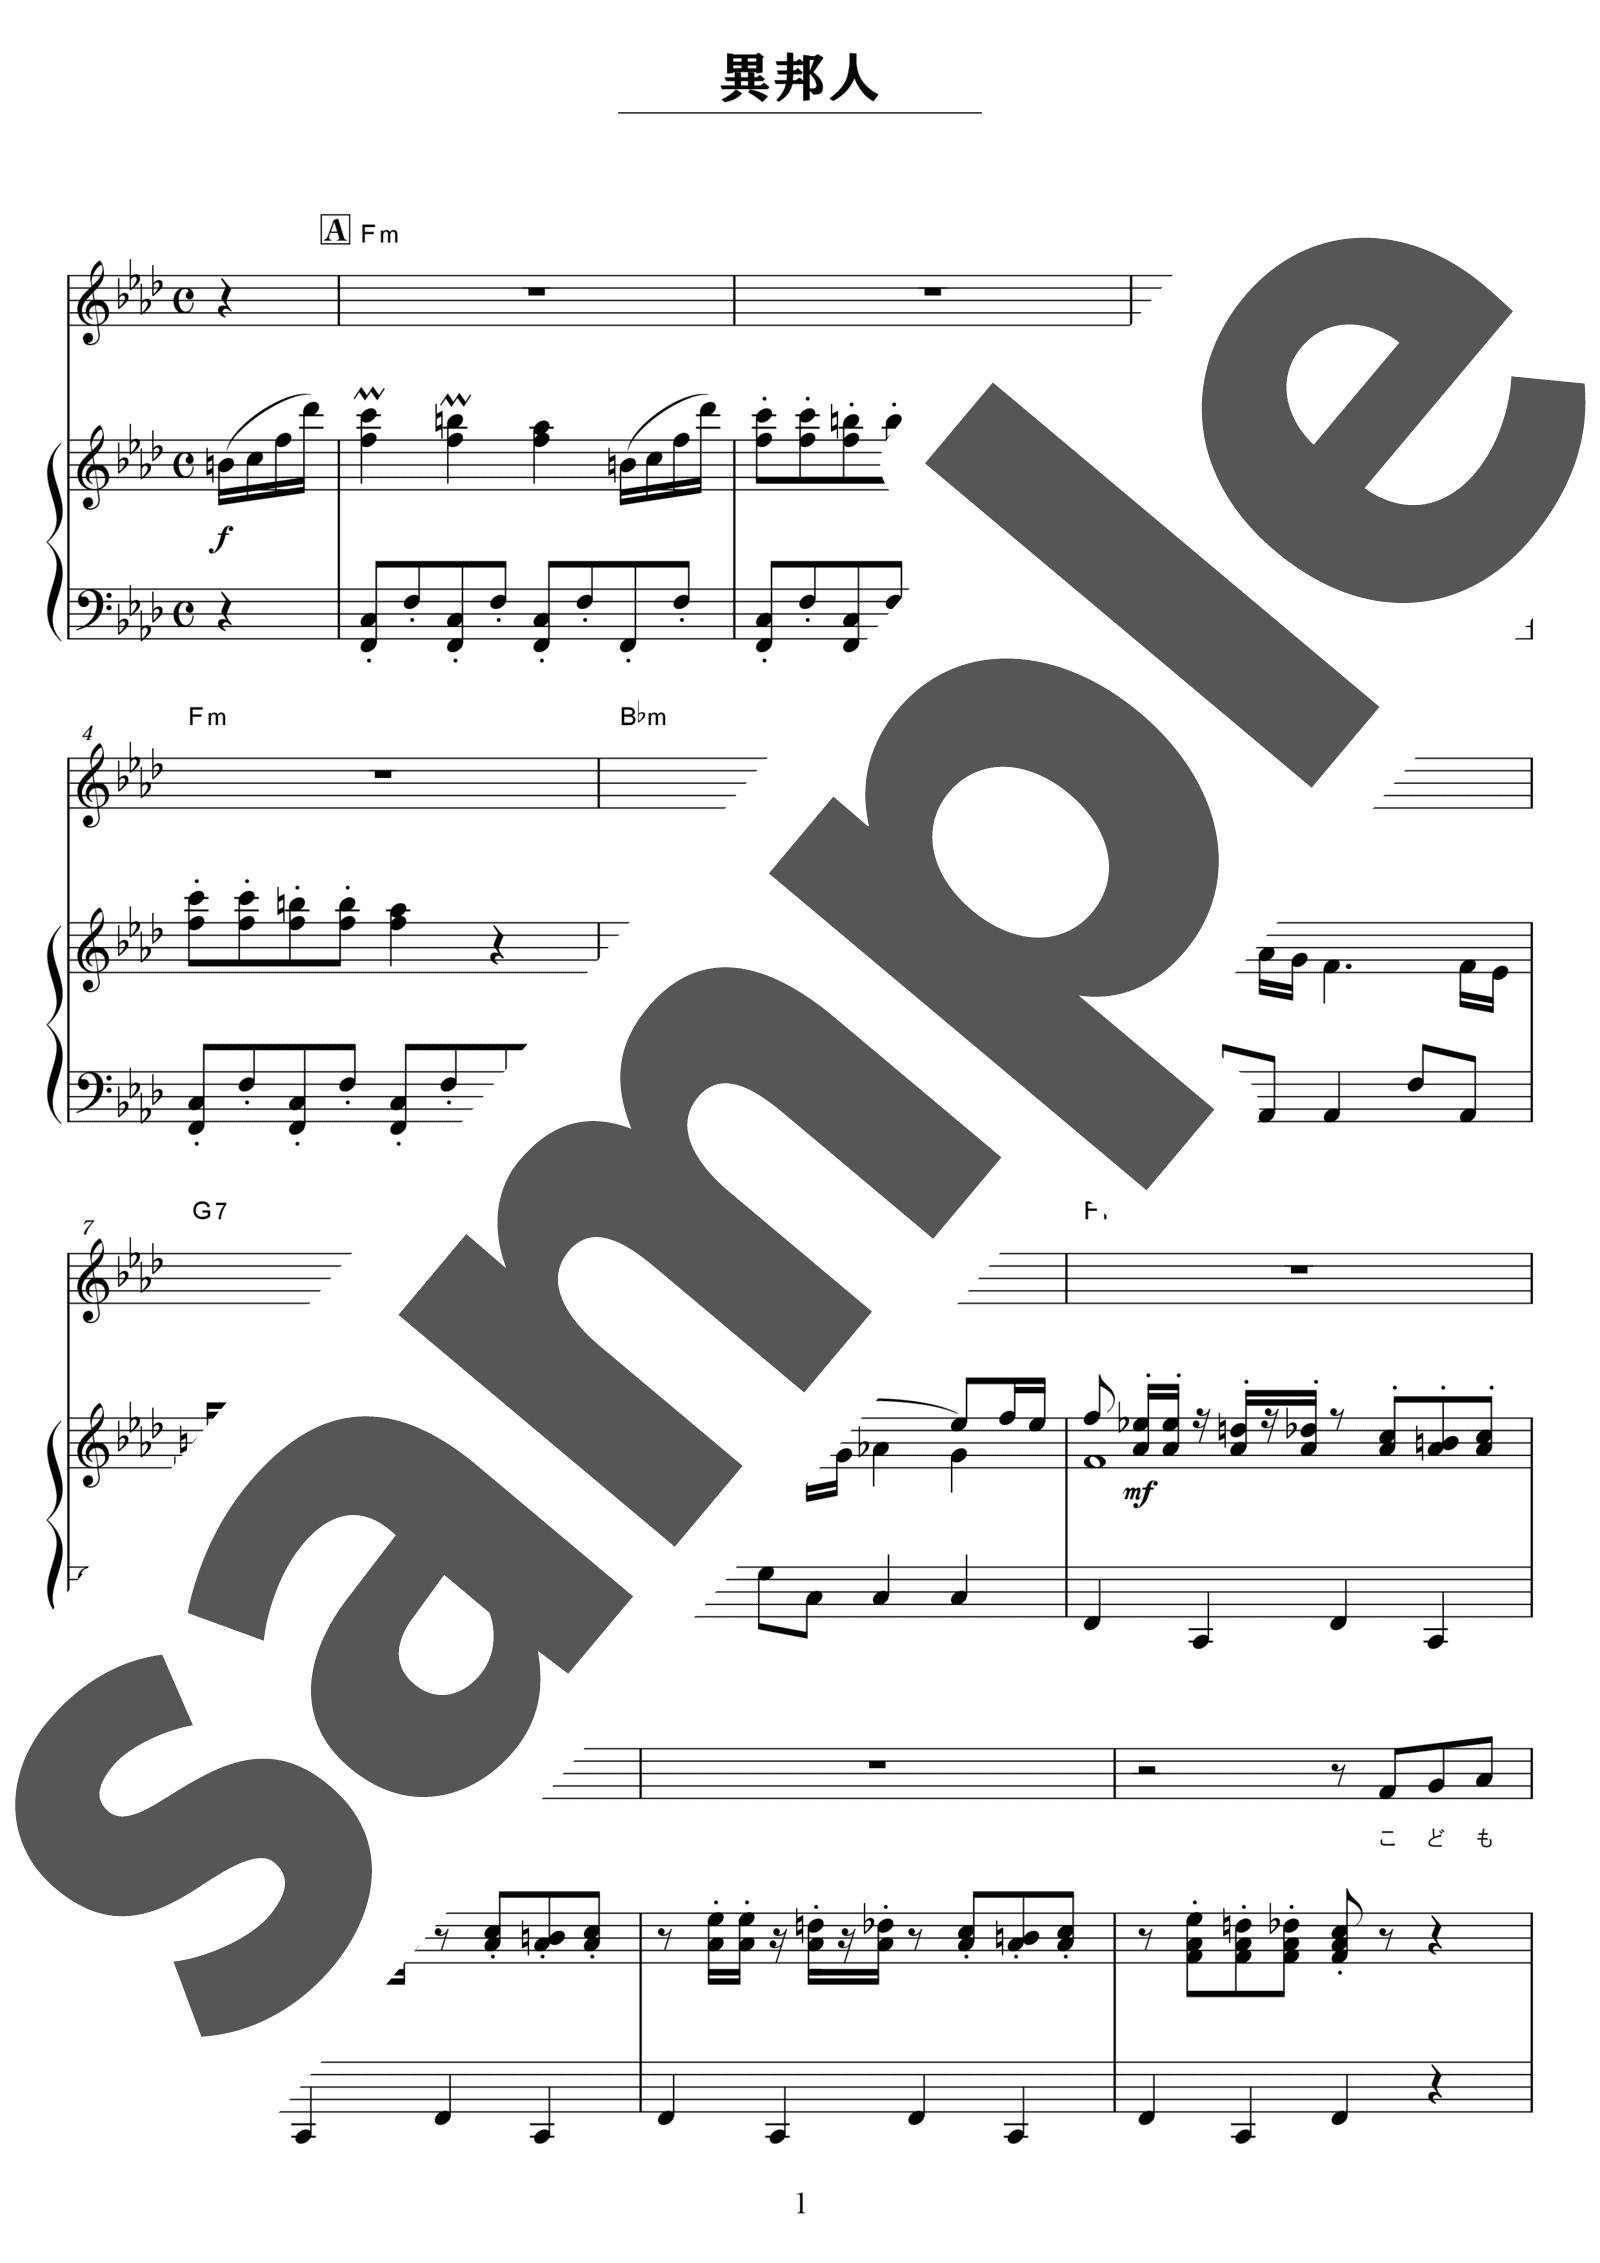 「異邦人」のサンプル楽譜